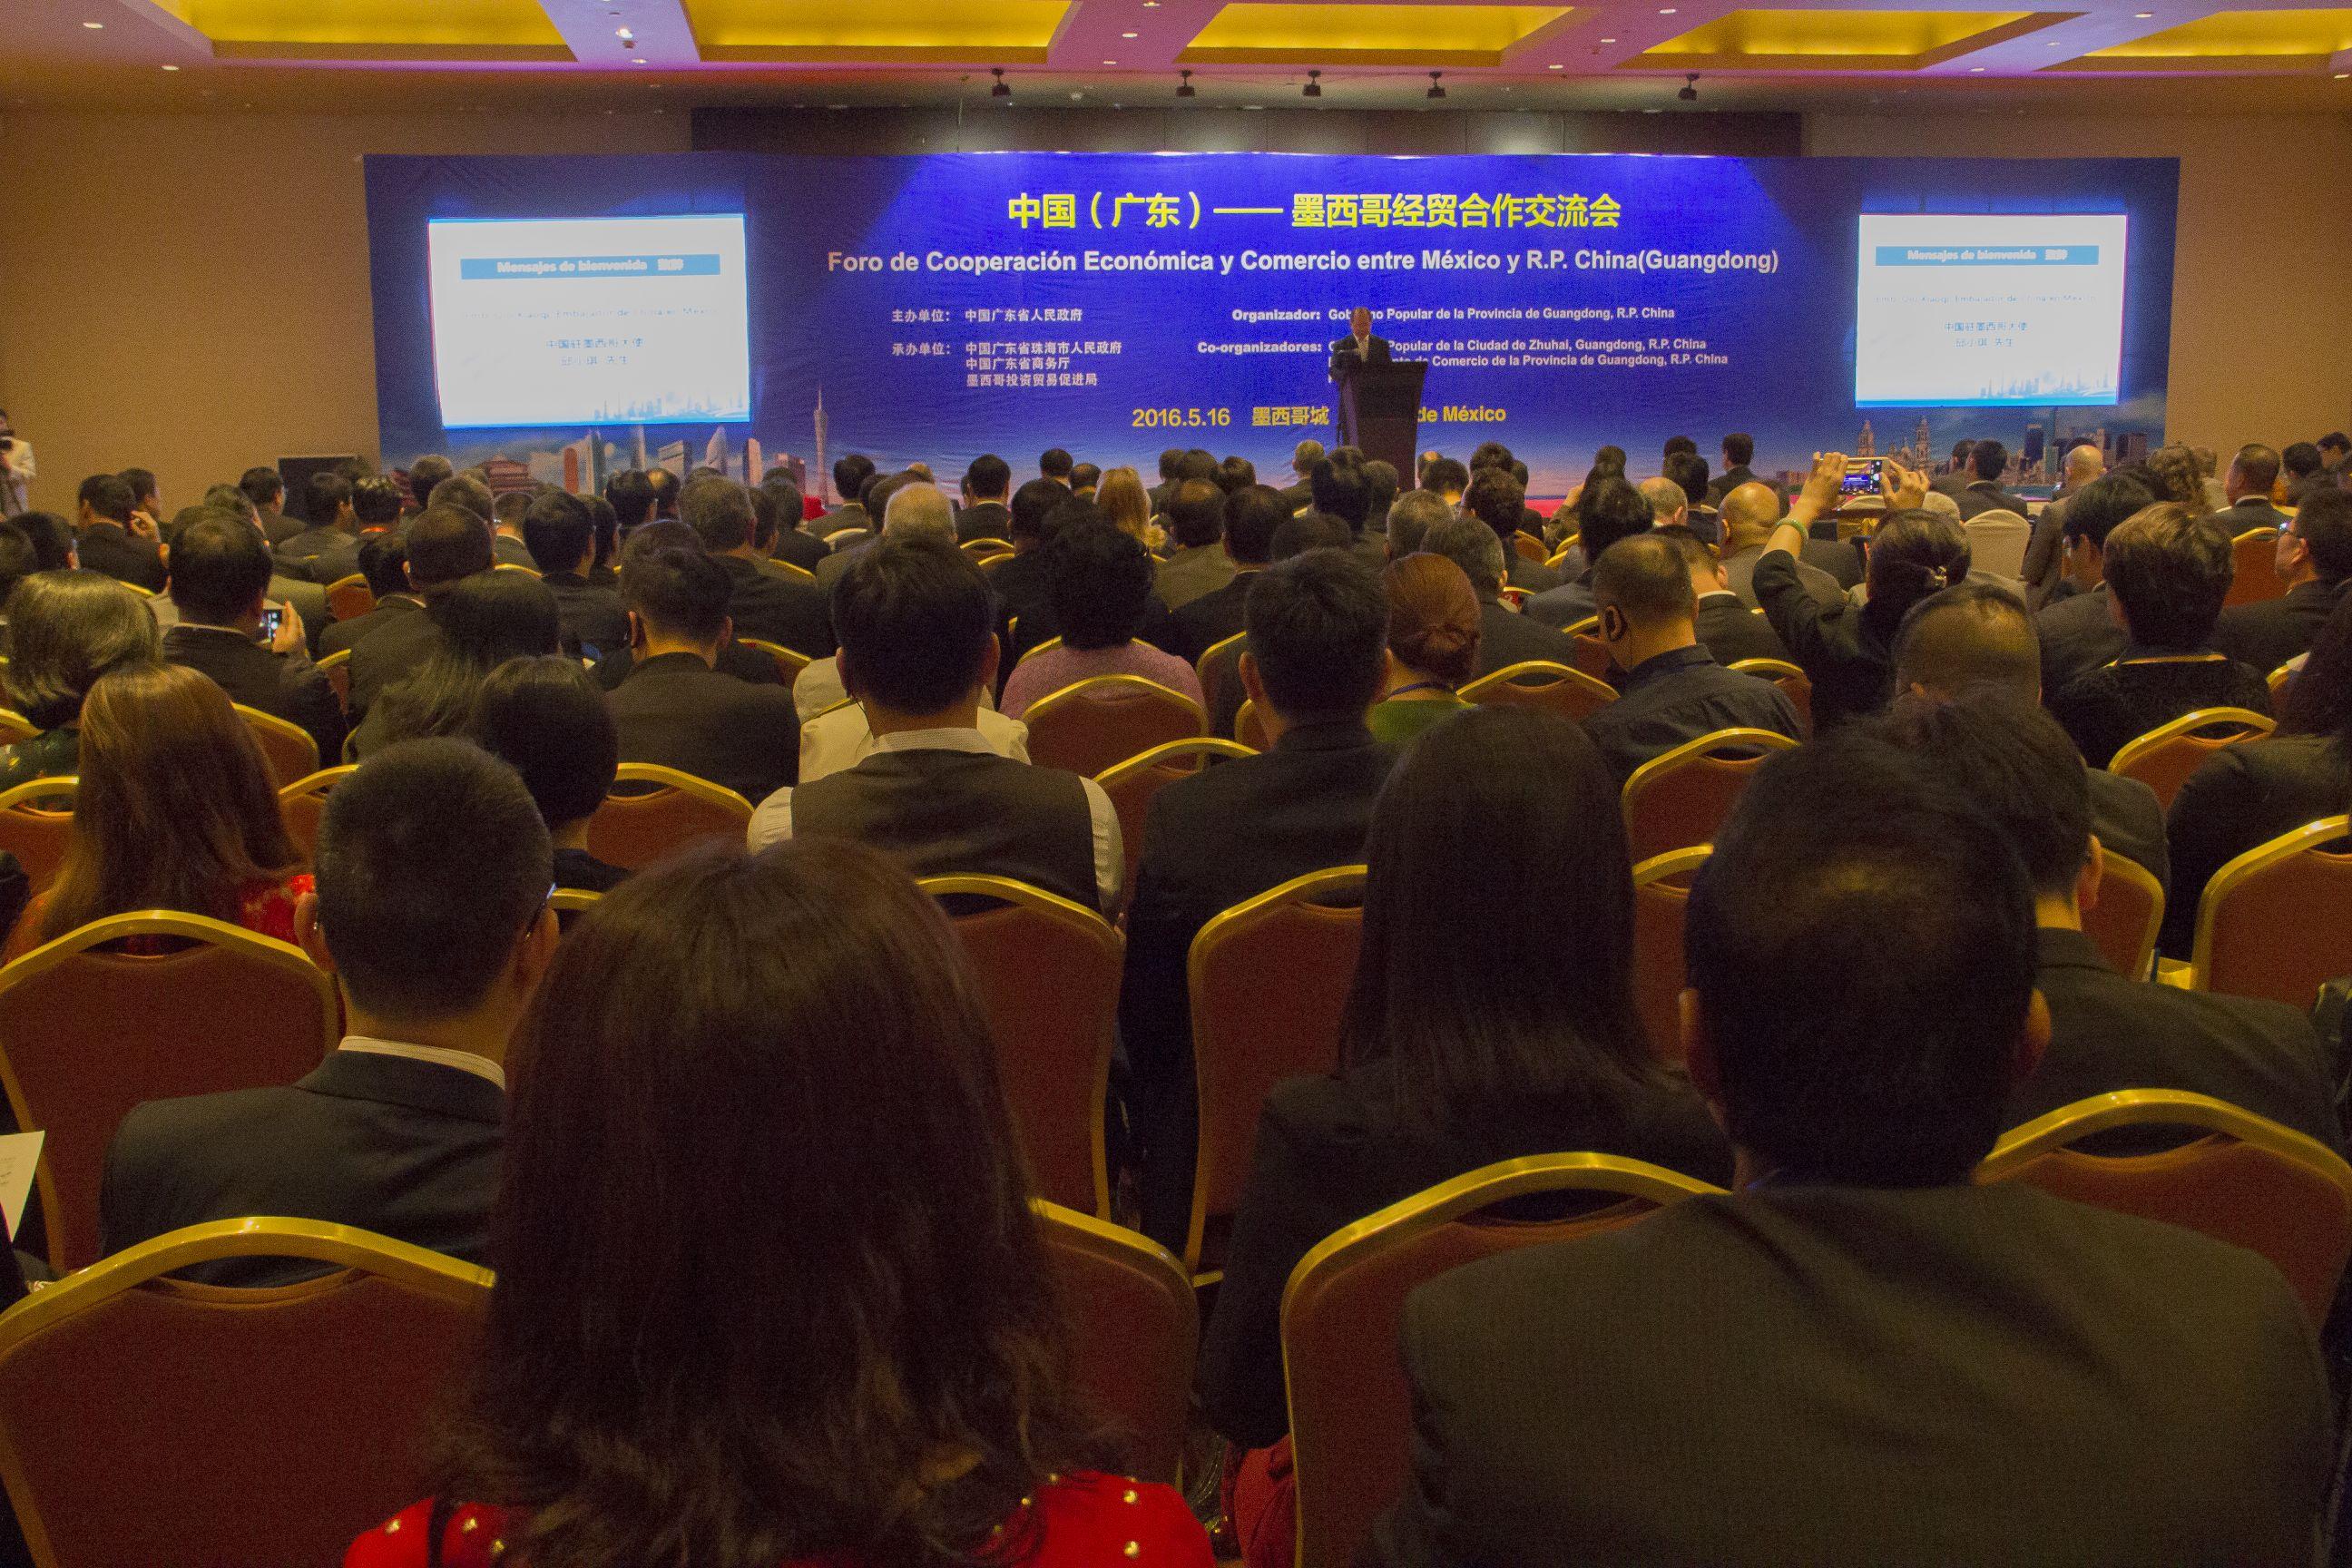 Foro de Cooperación México-China (Guangdong) 1